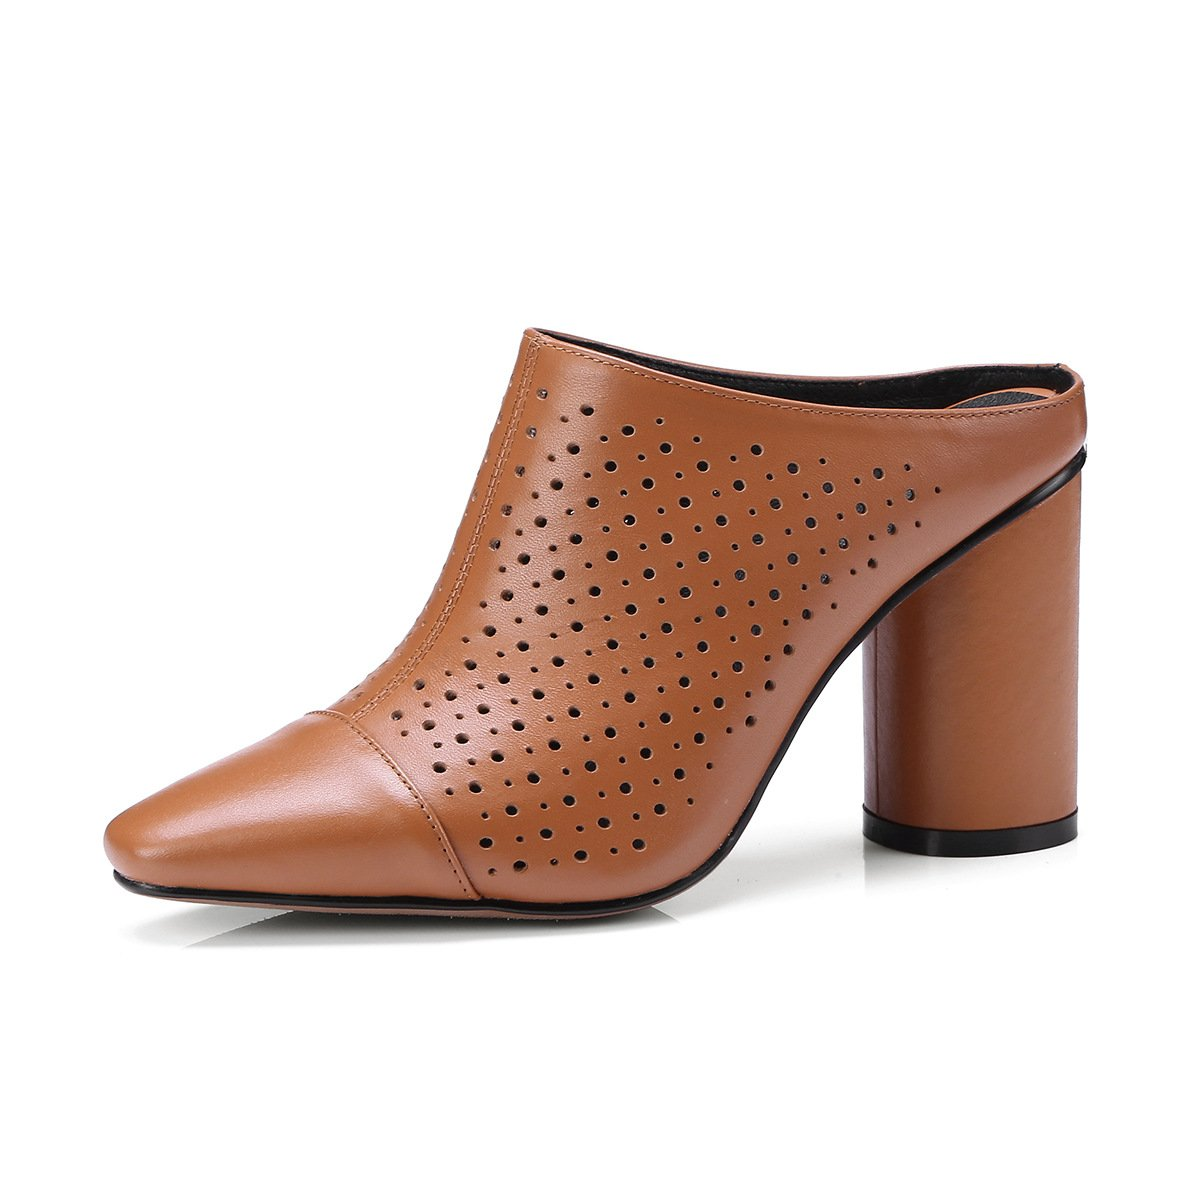 MEI&S Damen Flip Square Toe Block Heels Sandalen Flip Damen Flop Caramel d77a35